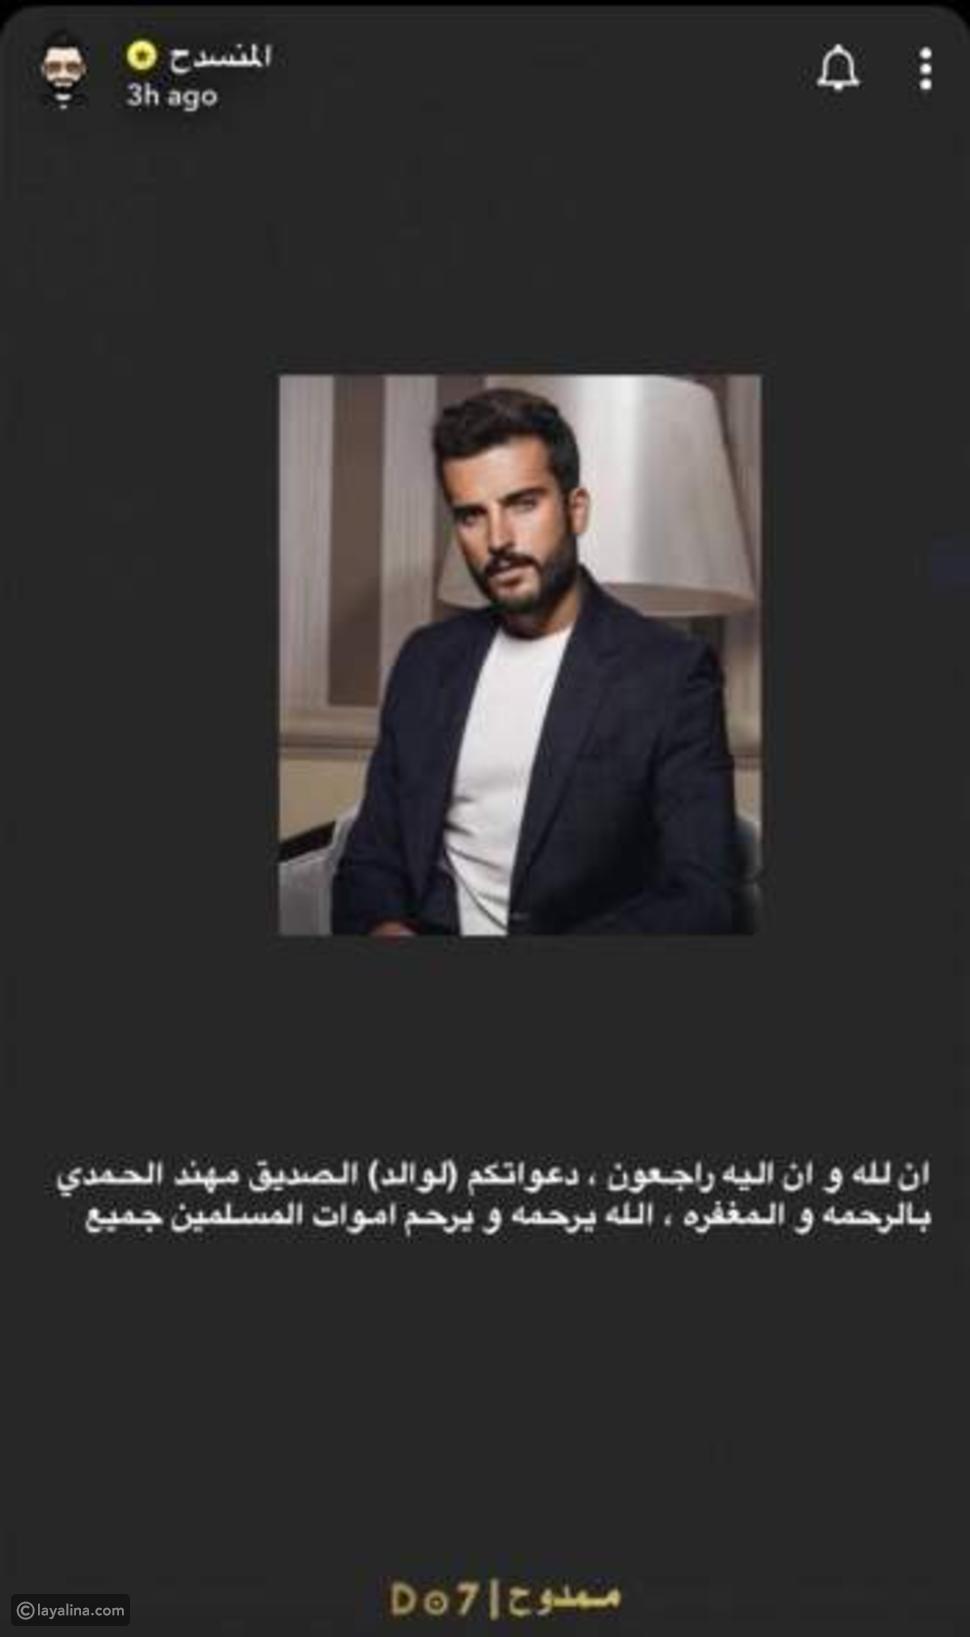 أول إعلان لوفاة والد مهند الحمدي